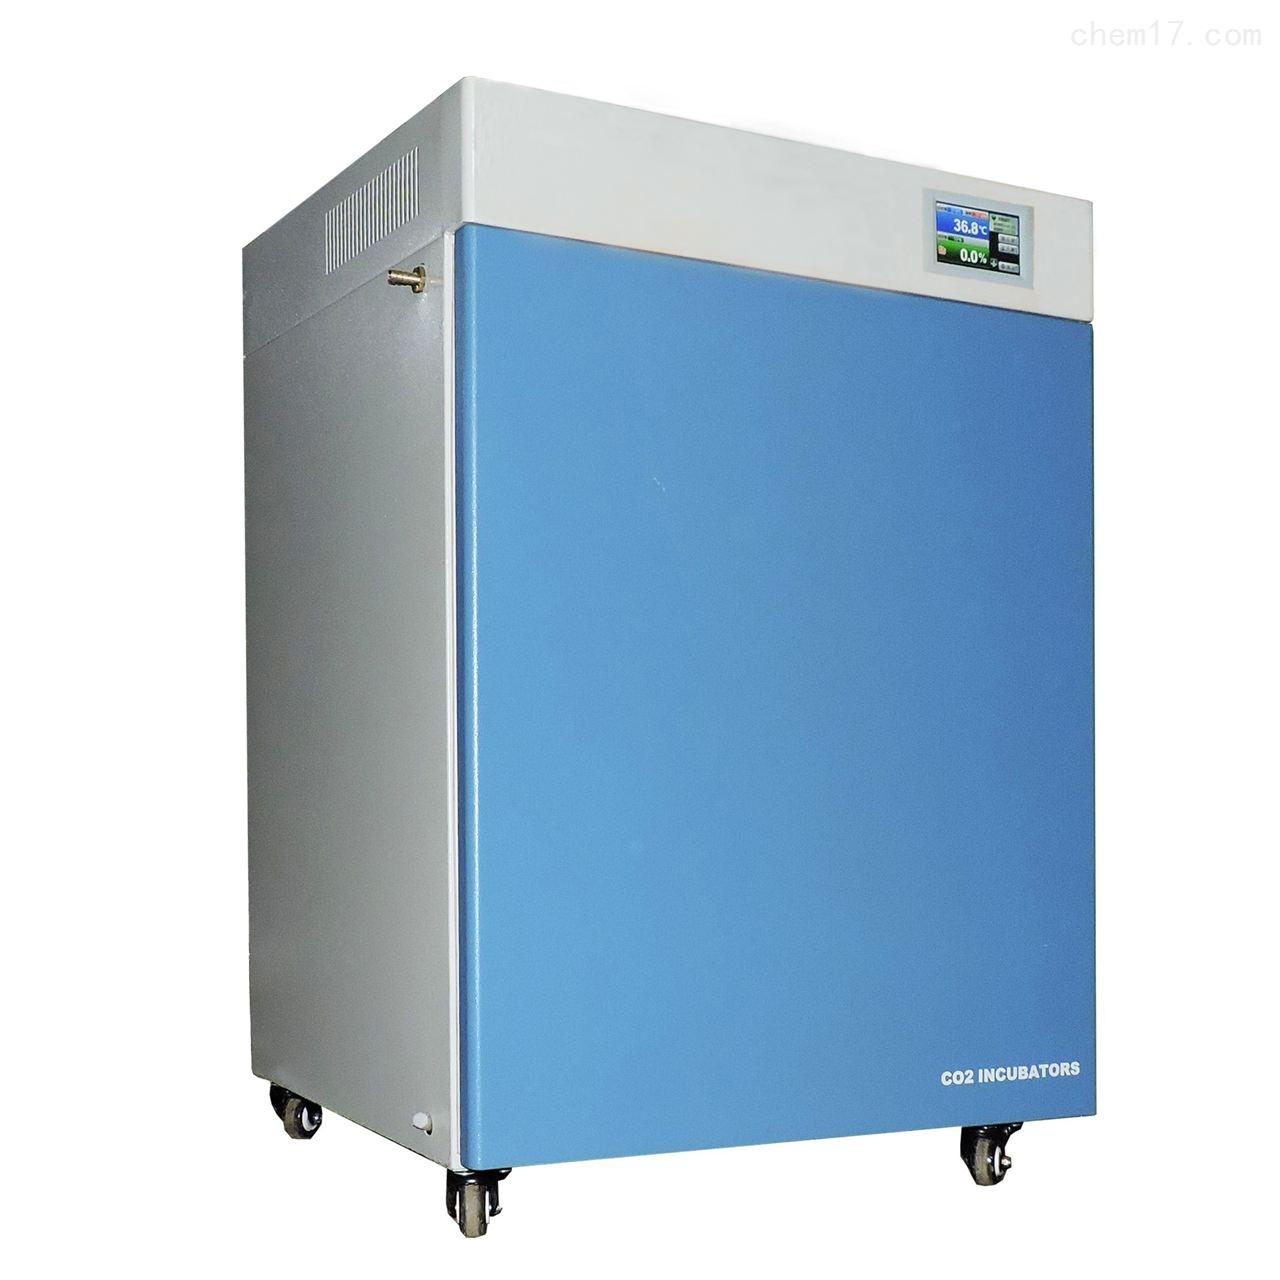 新智能二氧化碳培养箱进口红外水套式